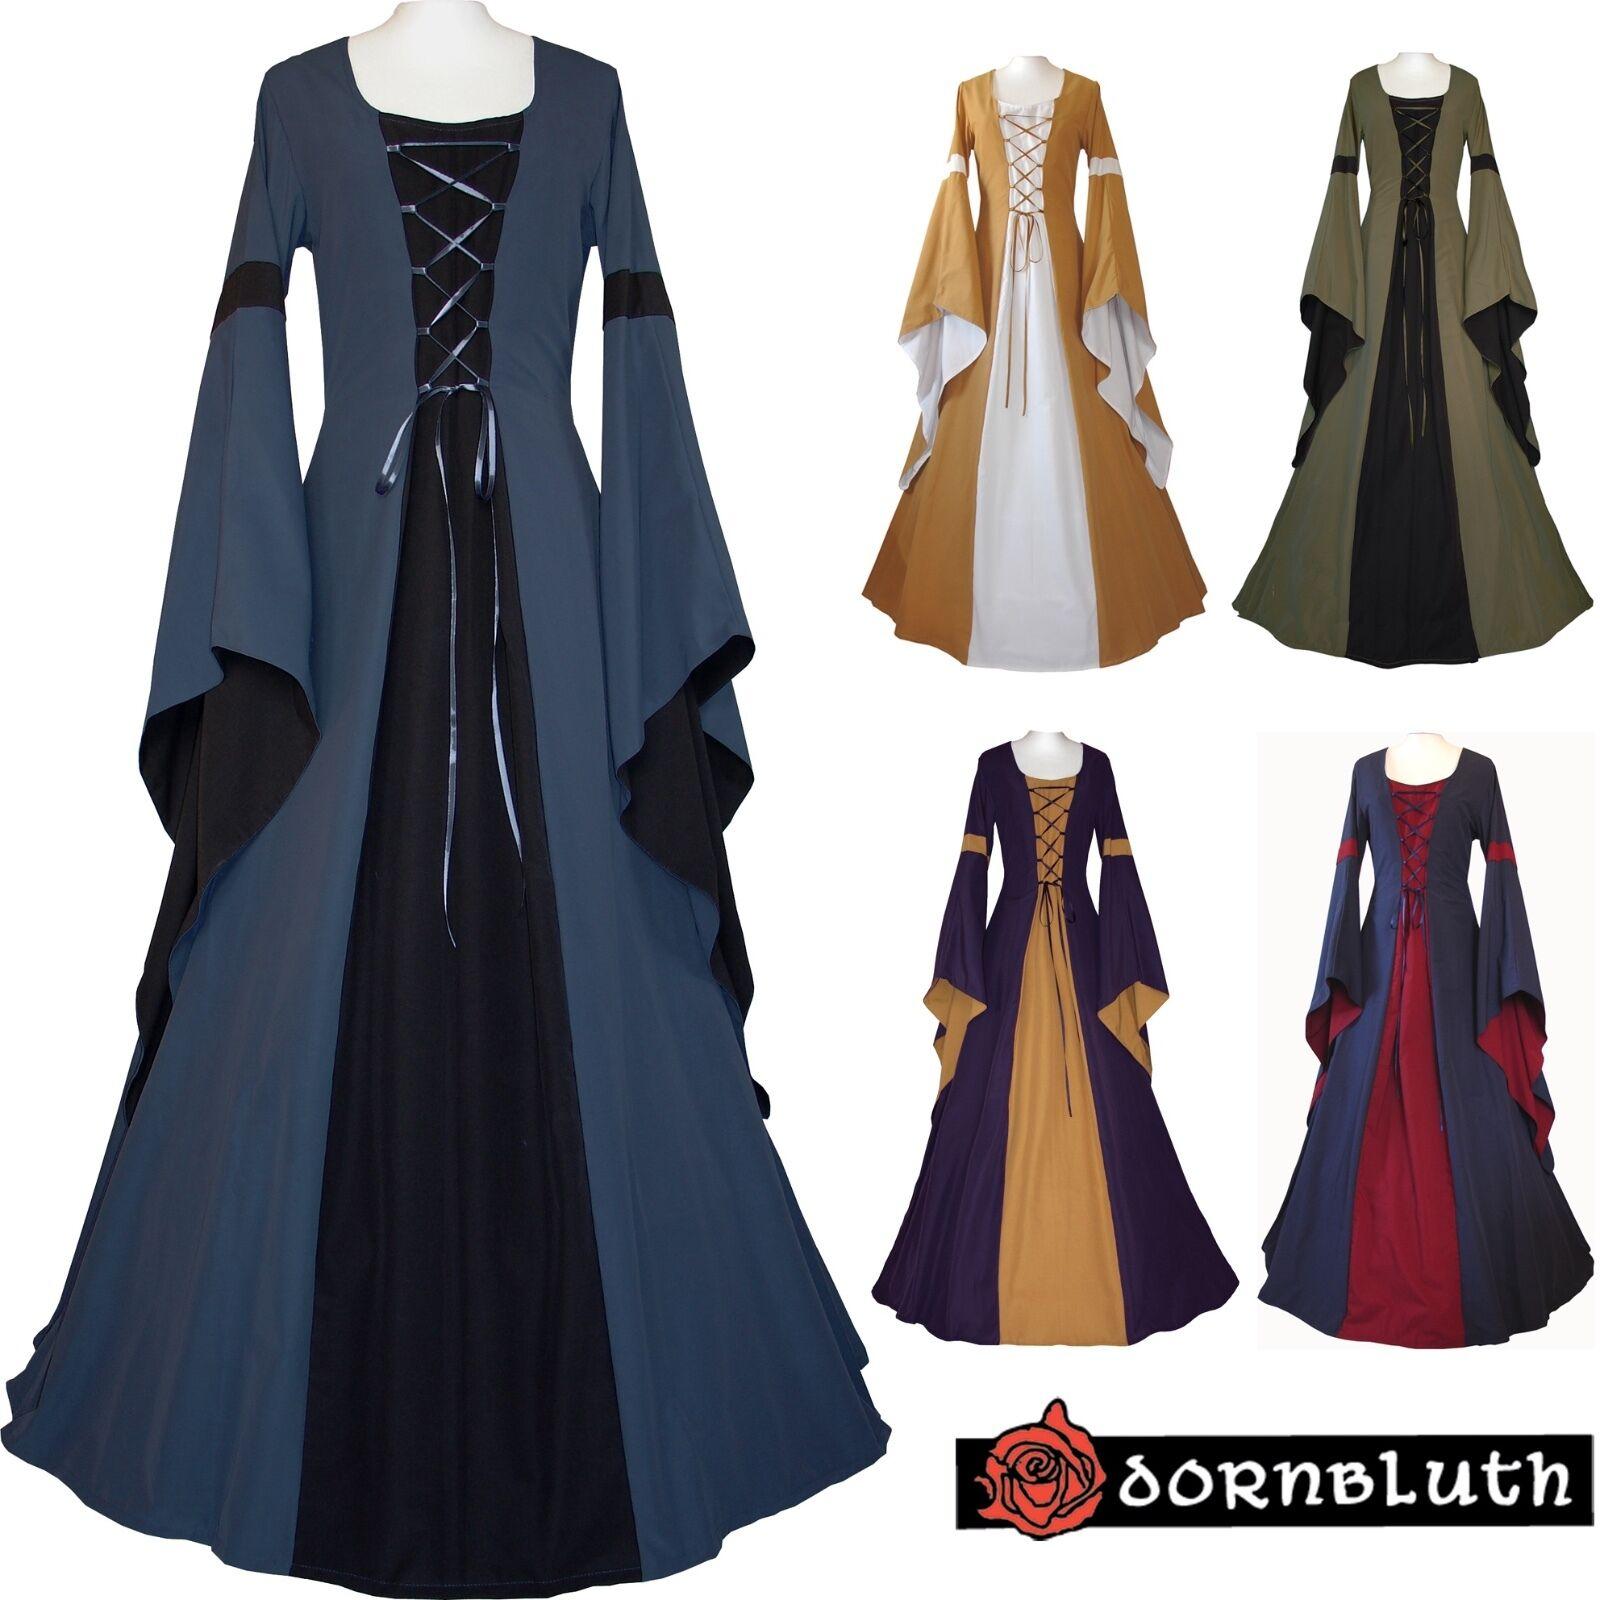 Mittelalter Karneval Gothik Kleid Gewand Kostüm Johanna Maßanfertigung Farbwahl     | Qualität und Verbraucher an erster Stelle  | Helle Farben  | Elegantes und robustes Menü  | Haltbar  | Verwendet in der Haltbarkeit